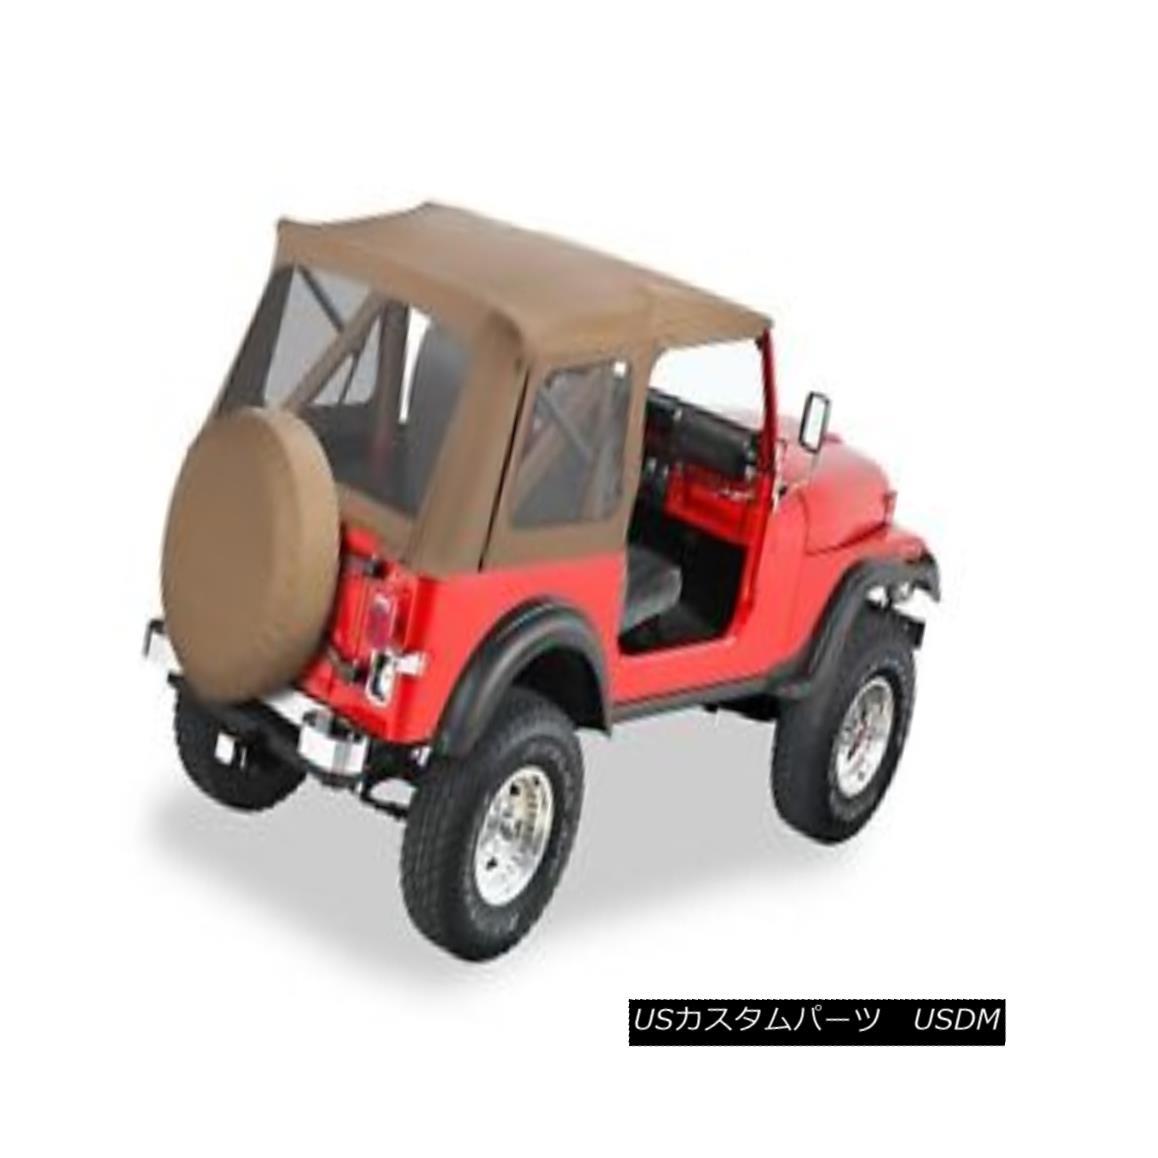 幌・ソフトトップ Bestop 51599-37 Jeep Supertop Classic Replacement Soft Top Spice Bestop 51599-37ジップスーパートップクラシック交換ソフトトップスパイス